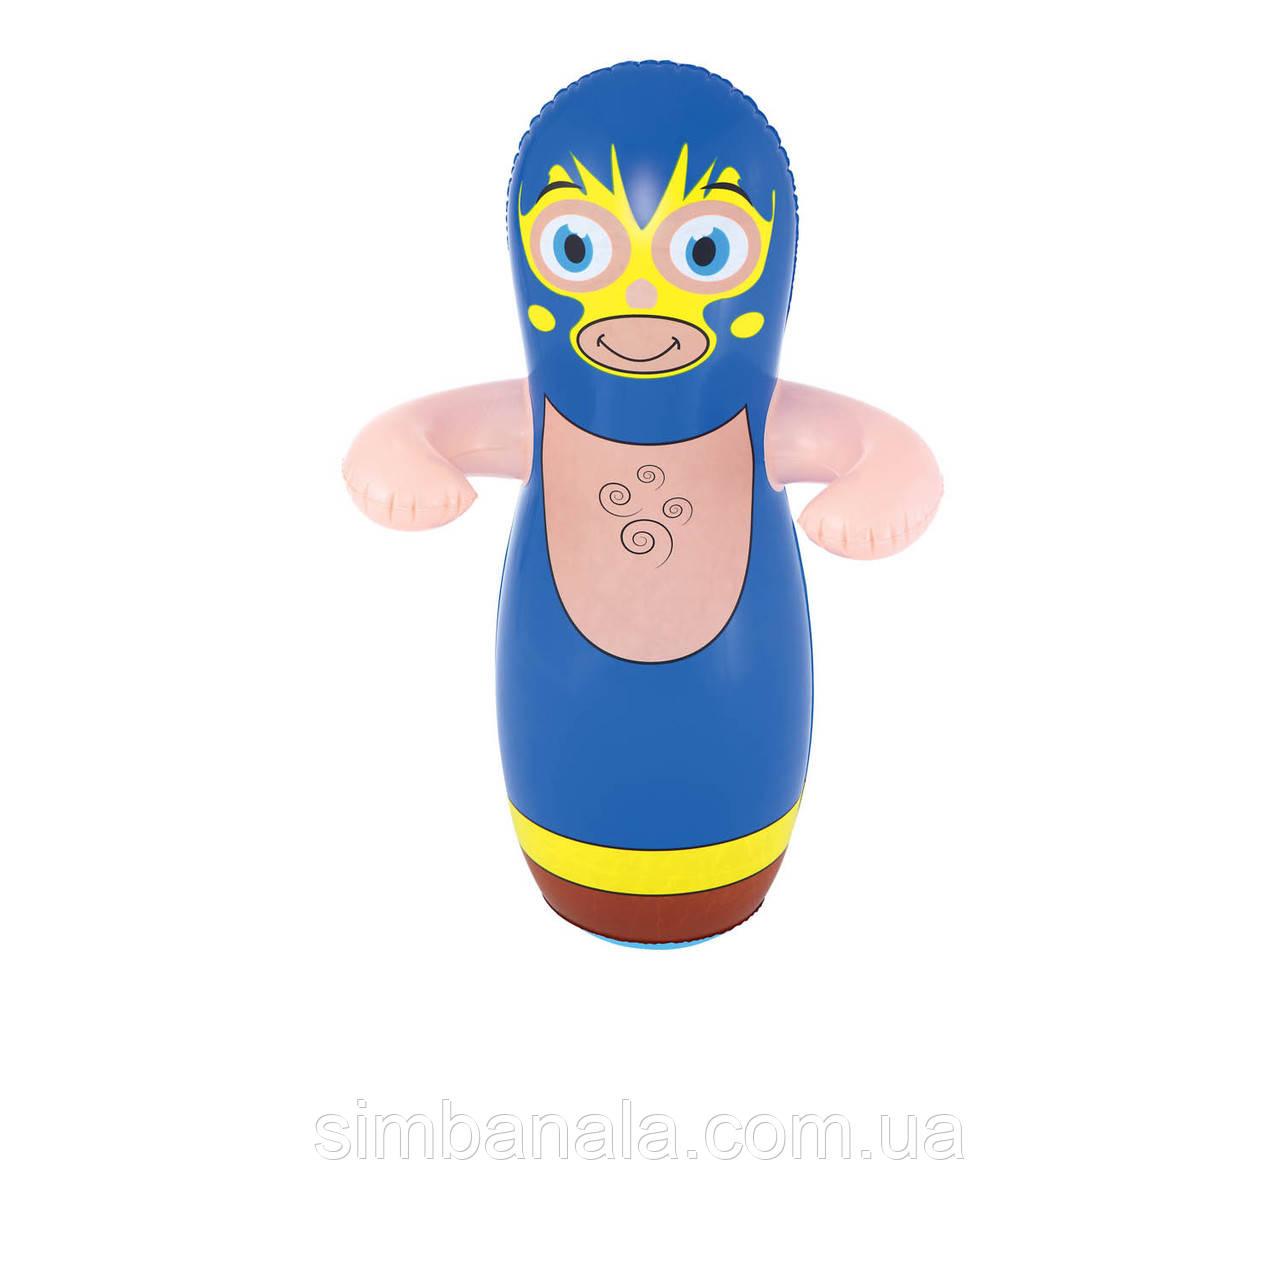 Надувна іграшка - неваляшка Bestway 52193, 91 см, синій